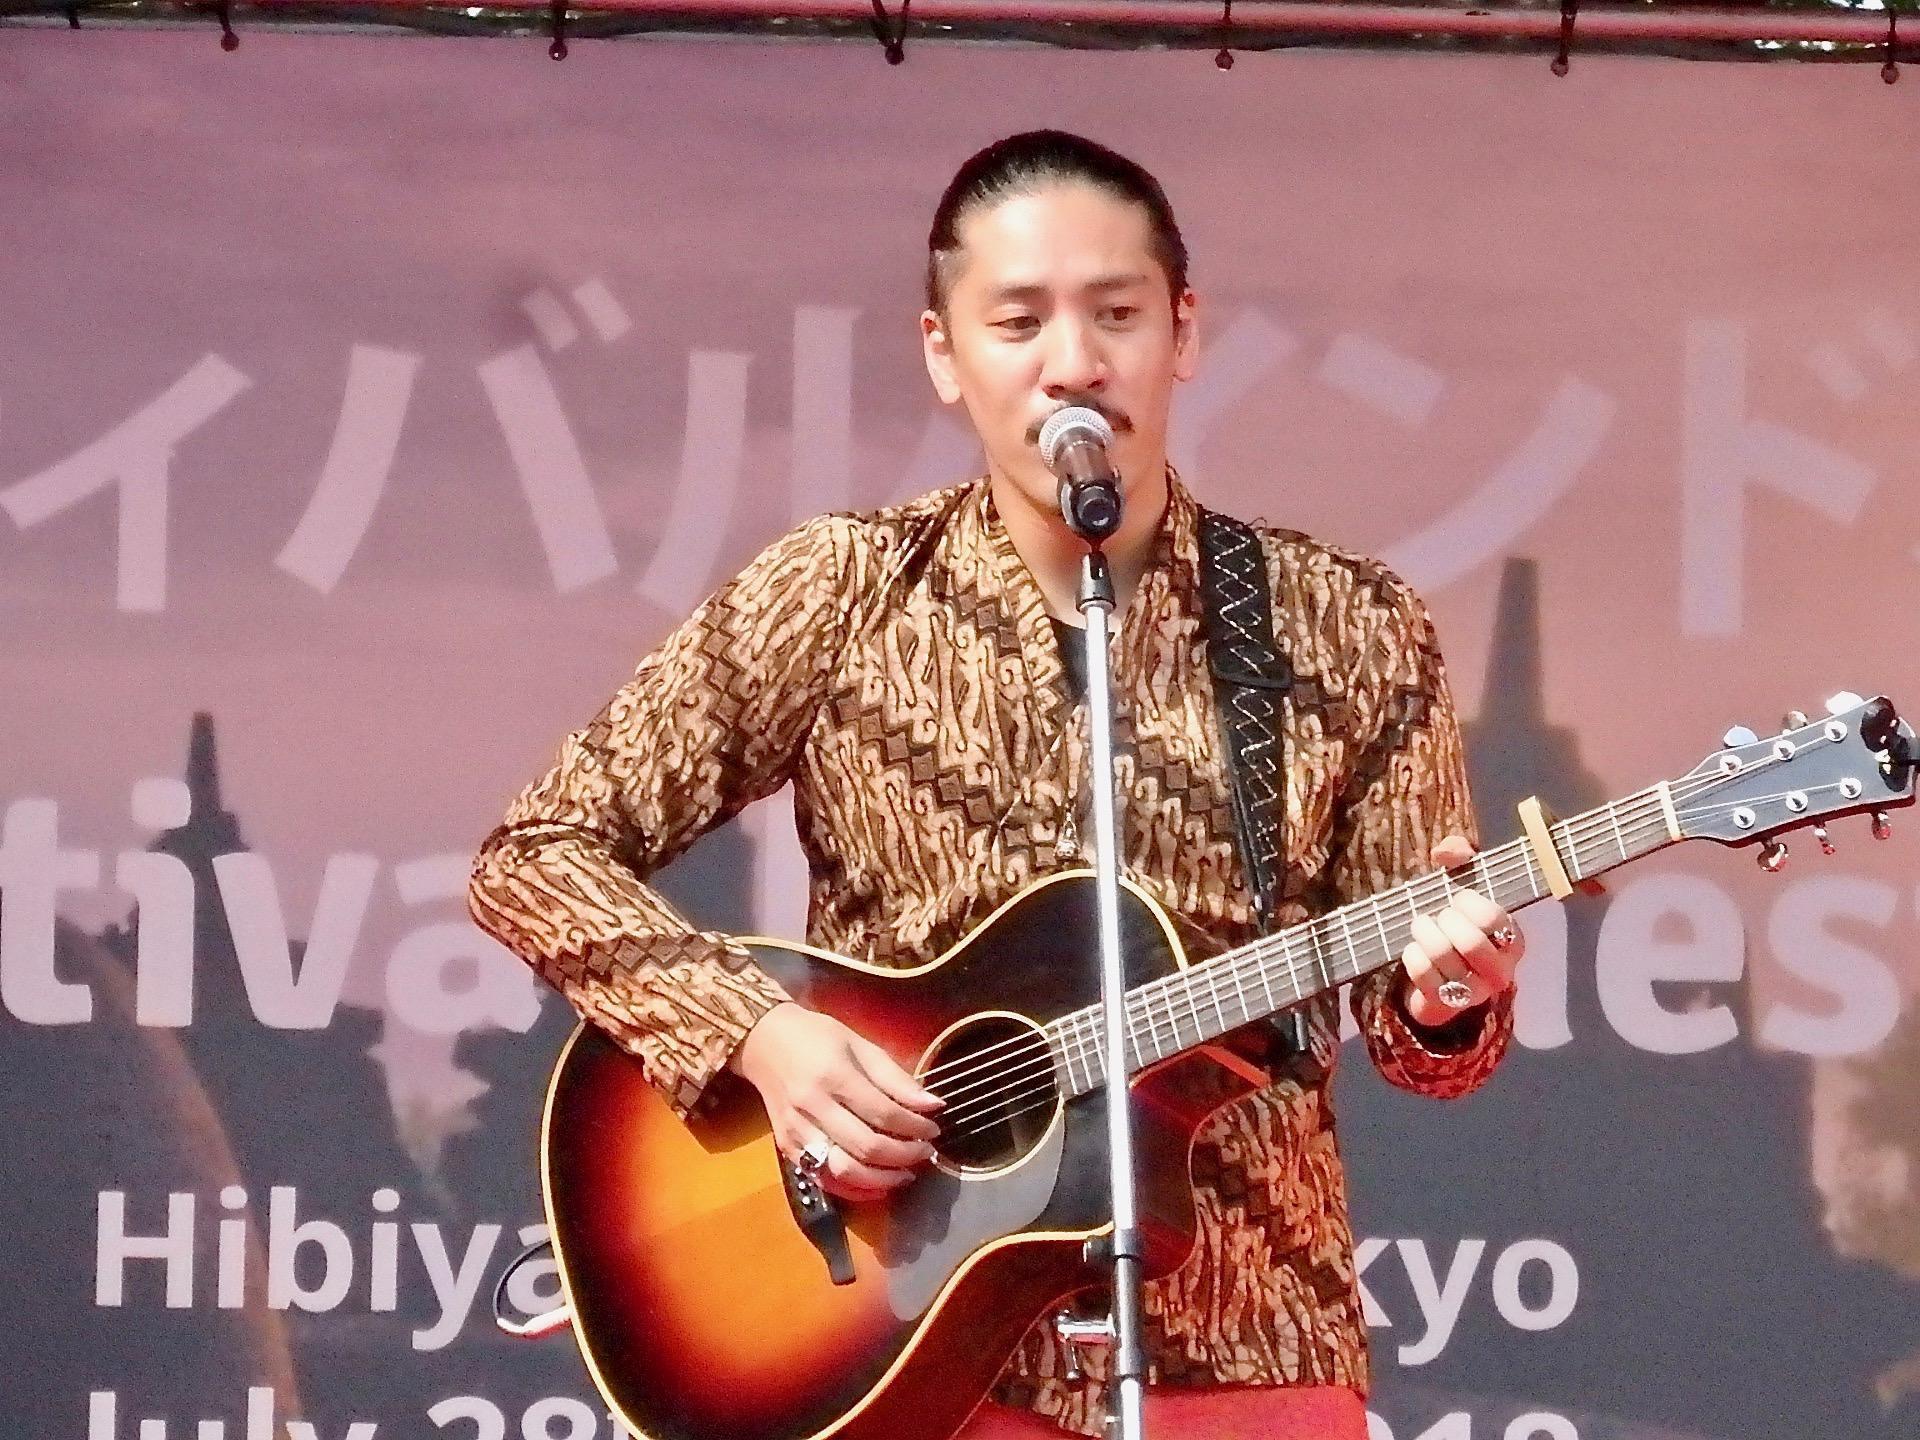 http://news.yoshimoto.co.jp/20180731170354-a0af9dee0120586c2d1976d4154fc2a3188440a4.jpg